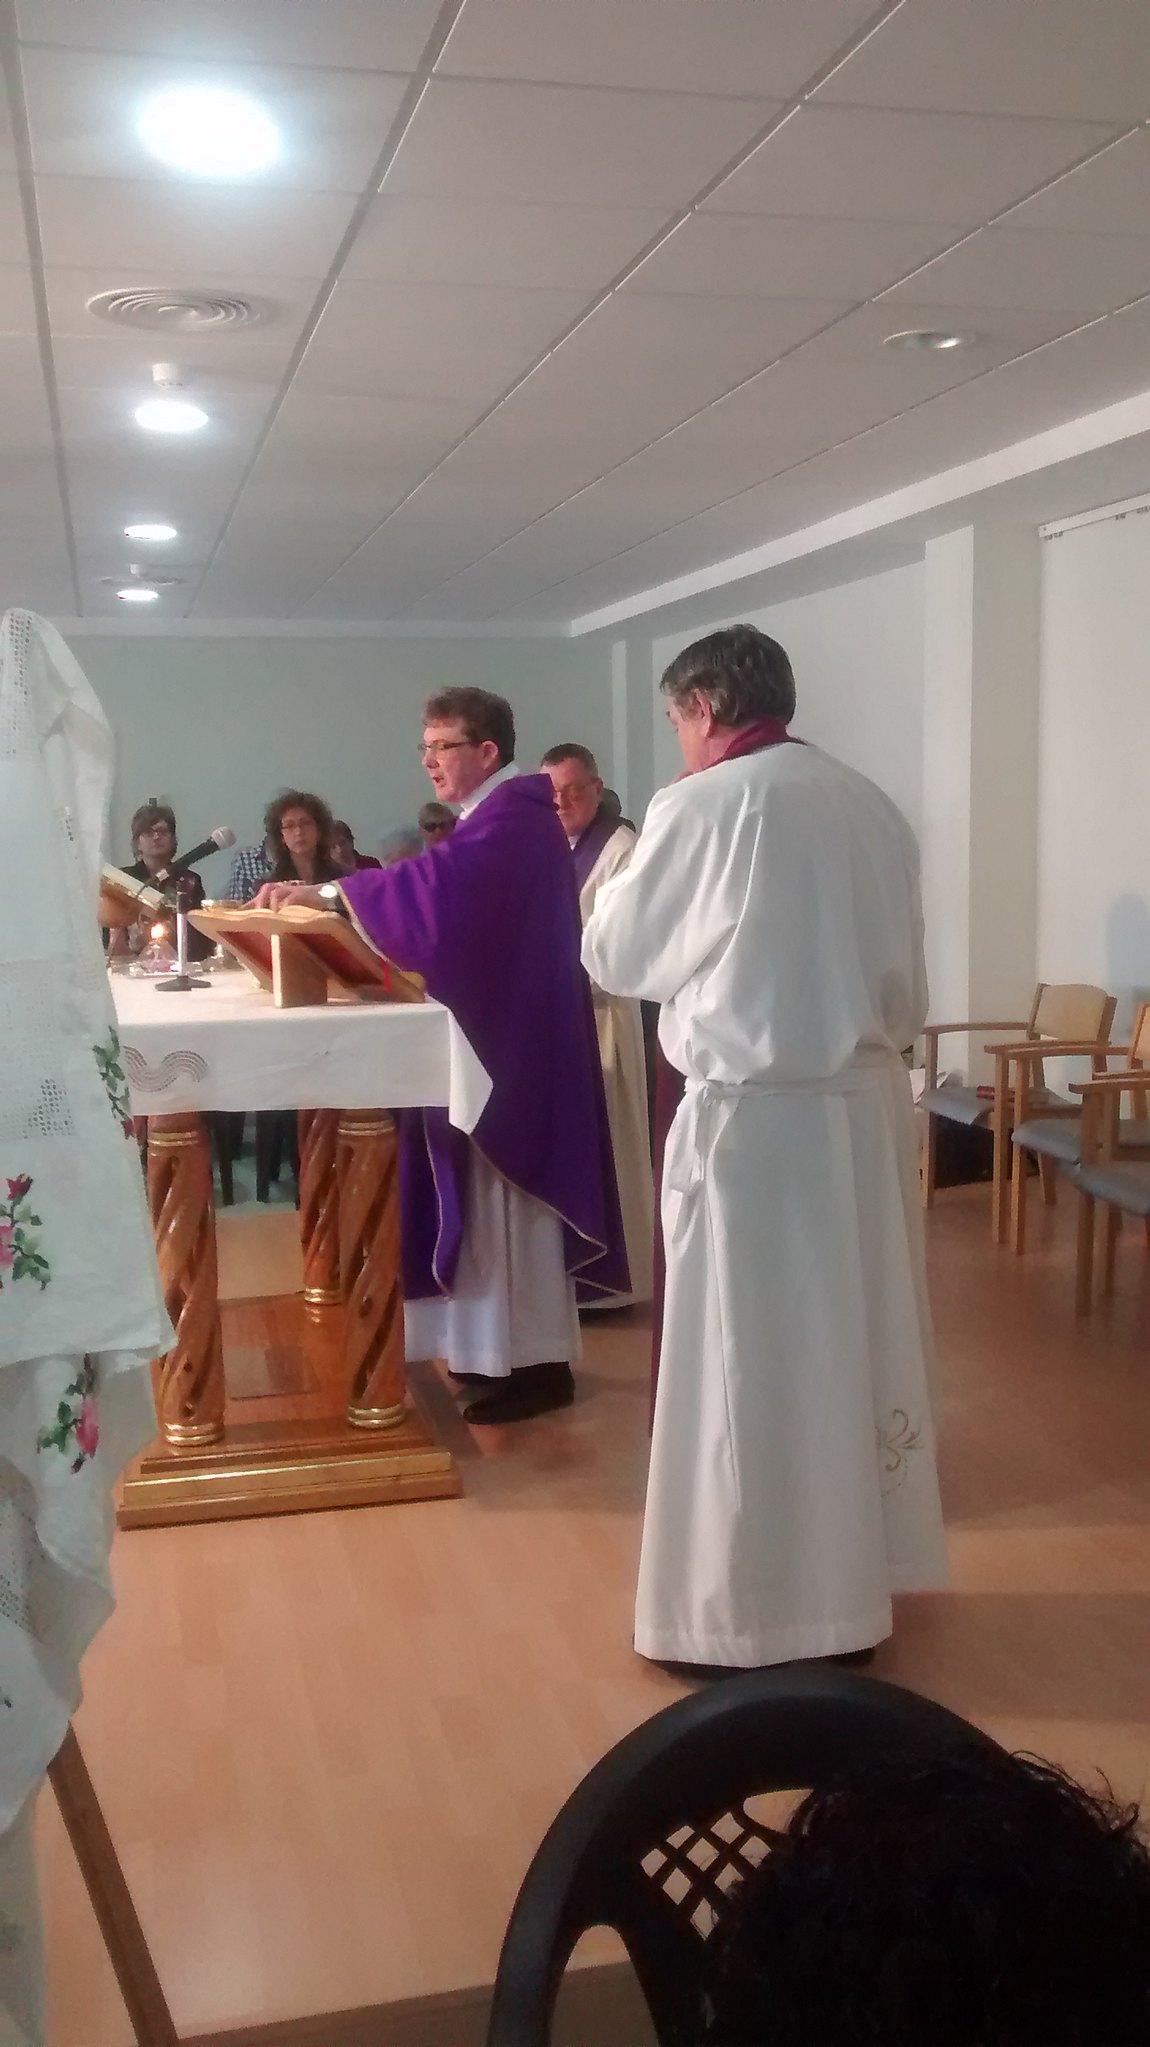 (2017-03-11) - Inauguración Teresa de Calcuta, La Molineta - José Vicente Romero Ripoll (04)